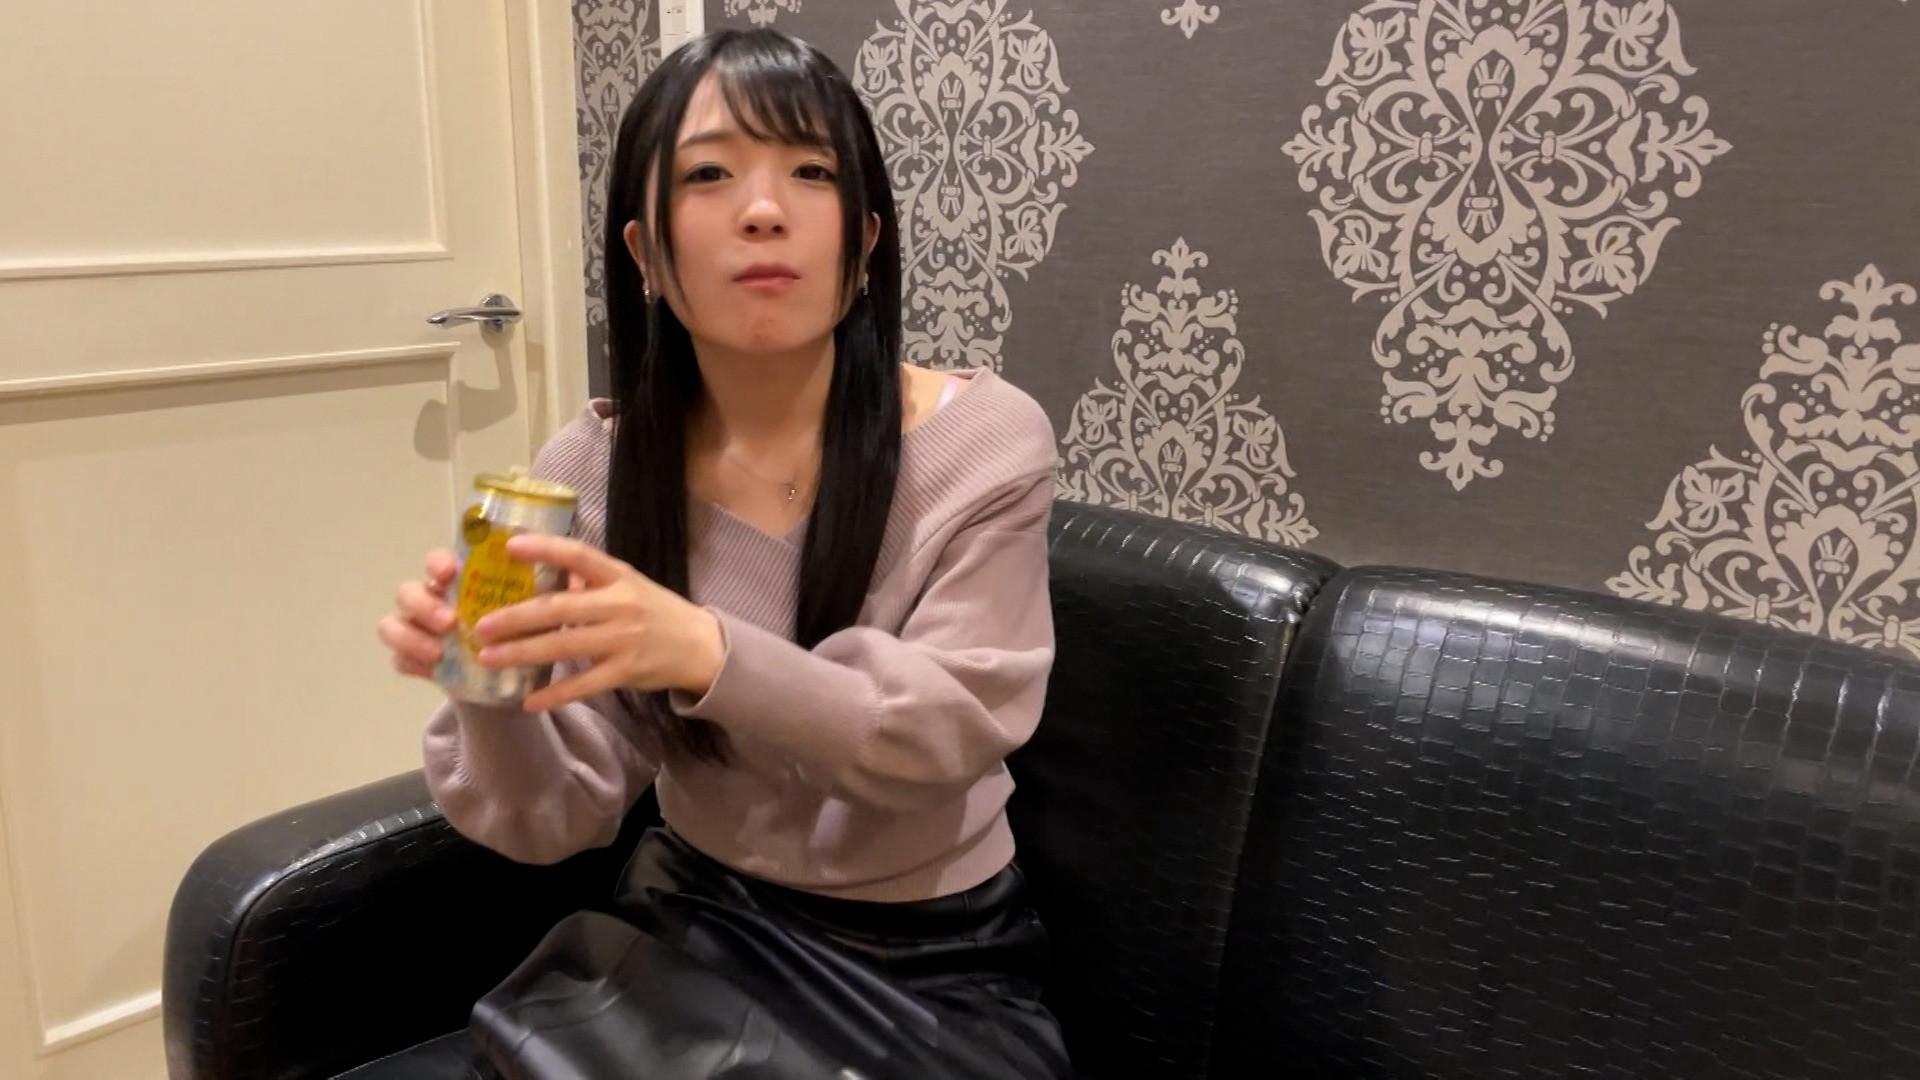 推しのAV女優と奇跡の恋 バレたら完全アウト 二人だけの秘密の関係 南梨央奈 画像5